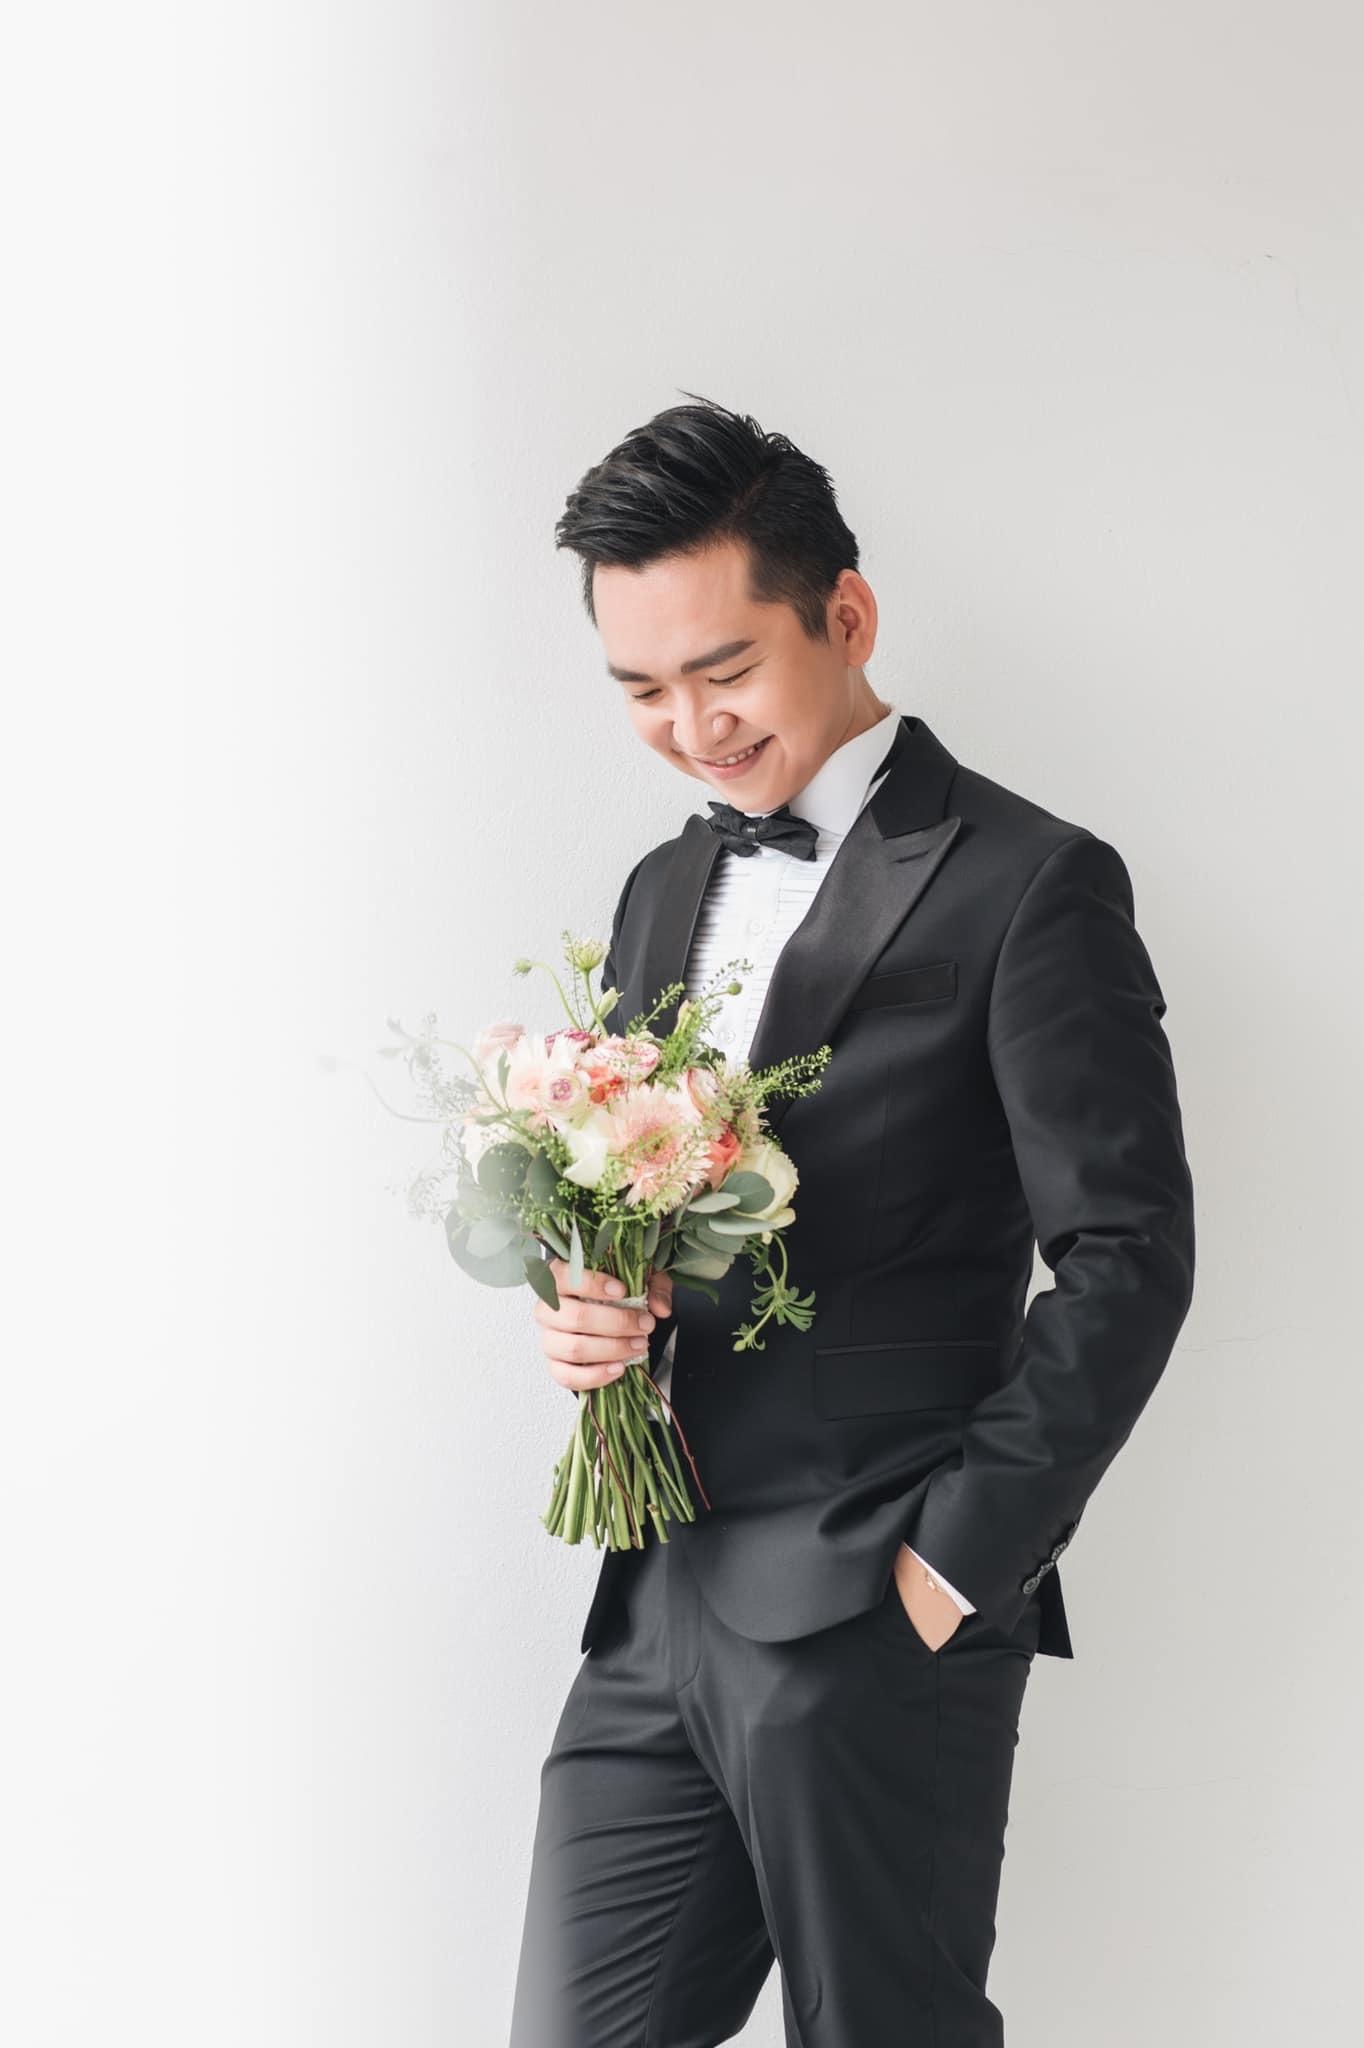 mc hanh phuc 6 MC Hạnh Phúc lần đầu đăng ảnh cưới sau hơn 1 năm kết hôn